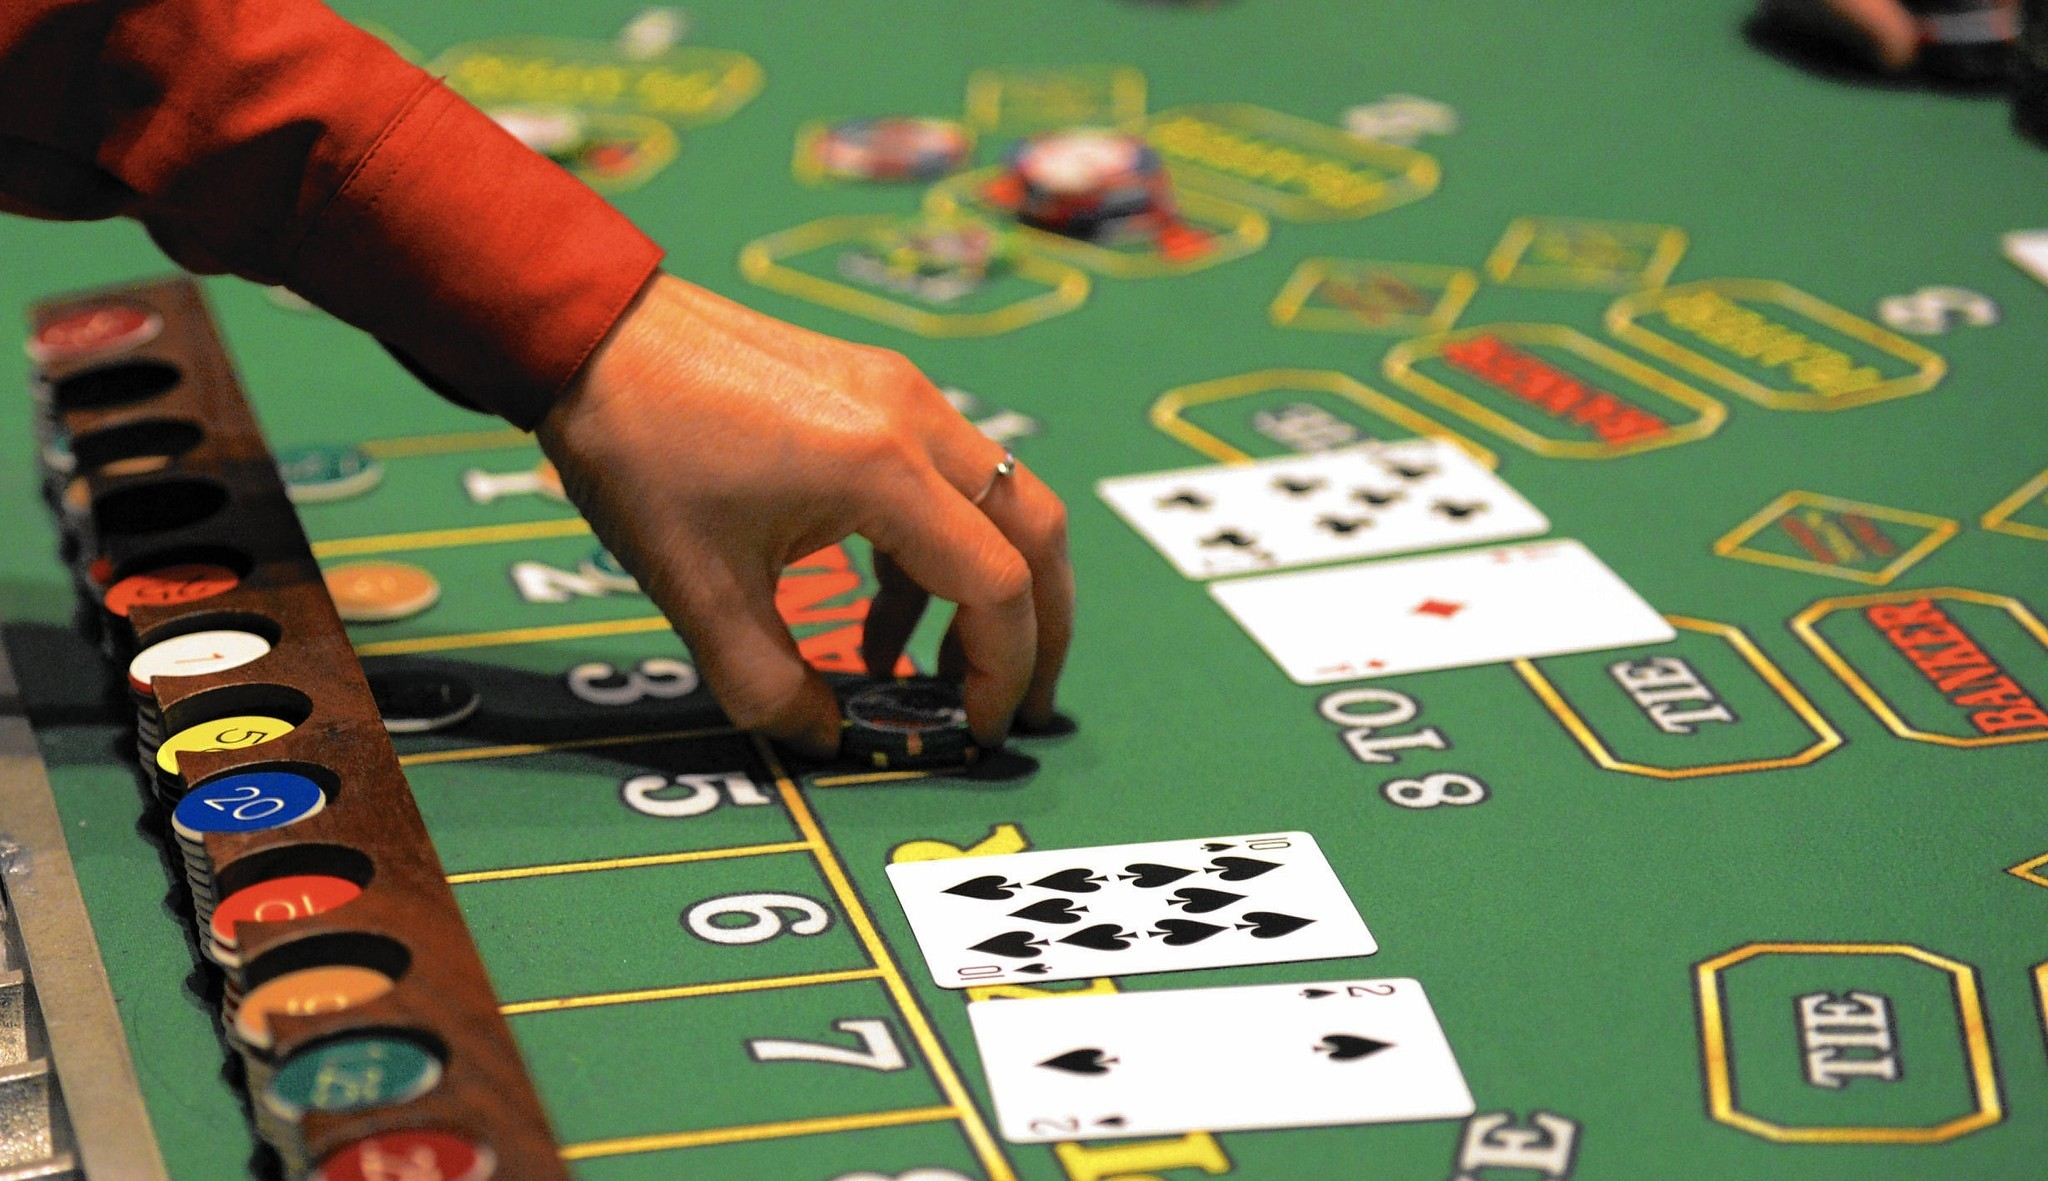 Daftar kasino online terbaik menggunakan smartphone